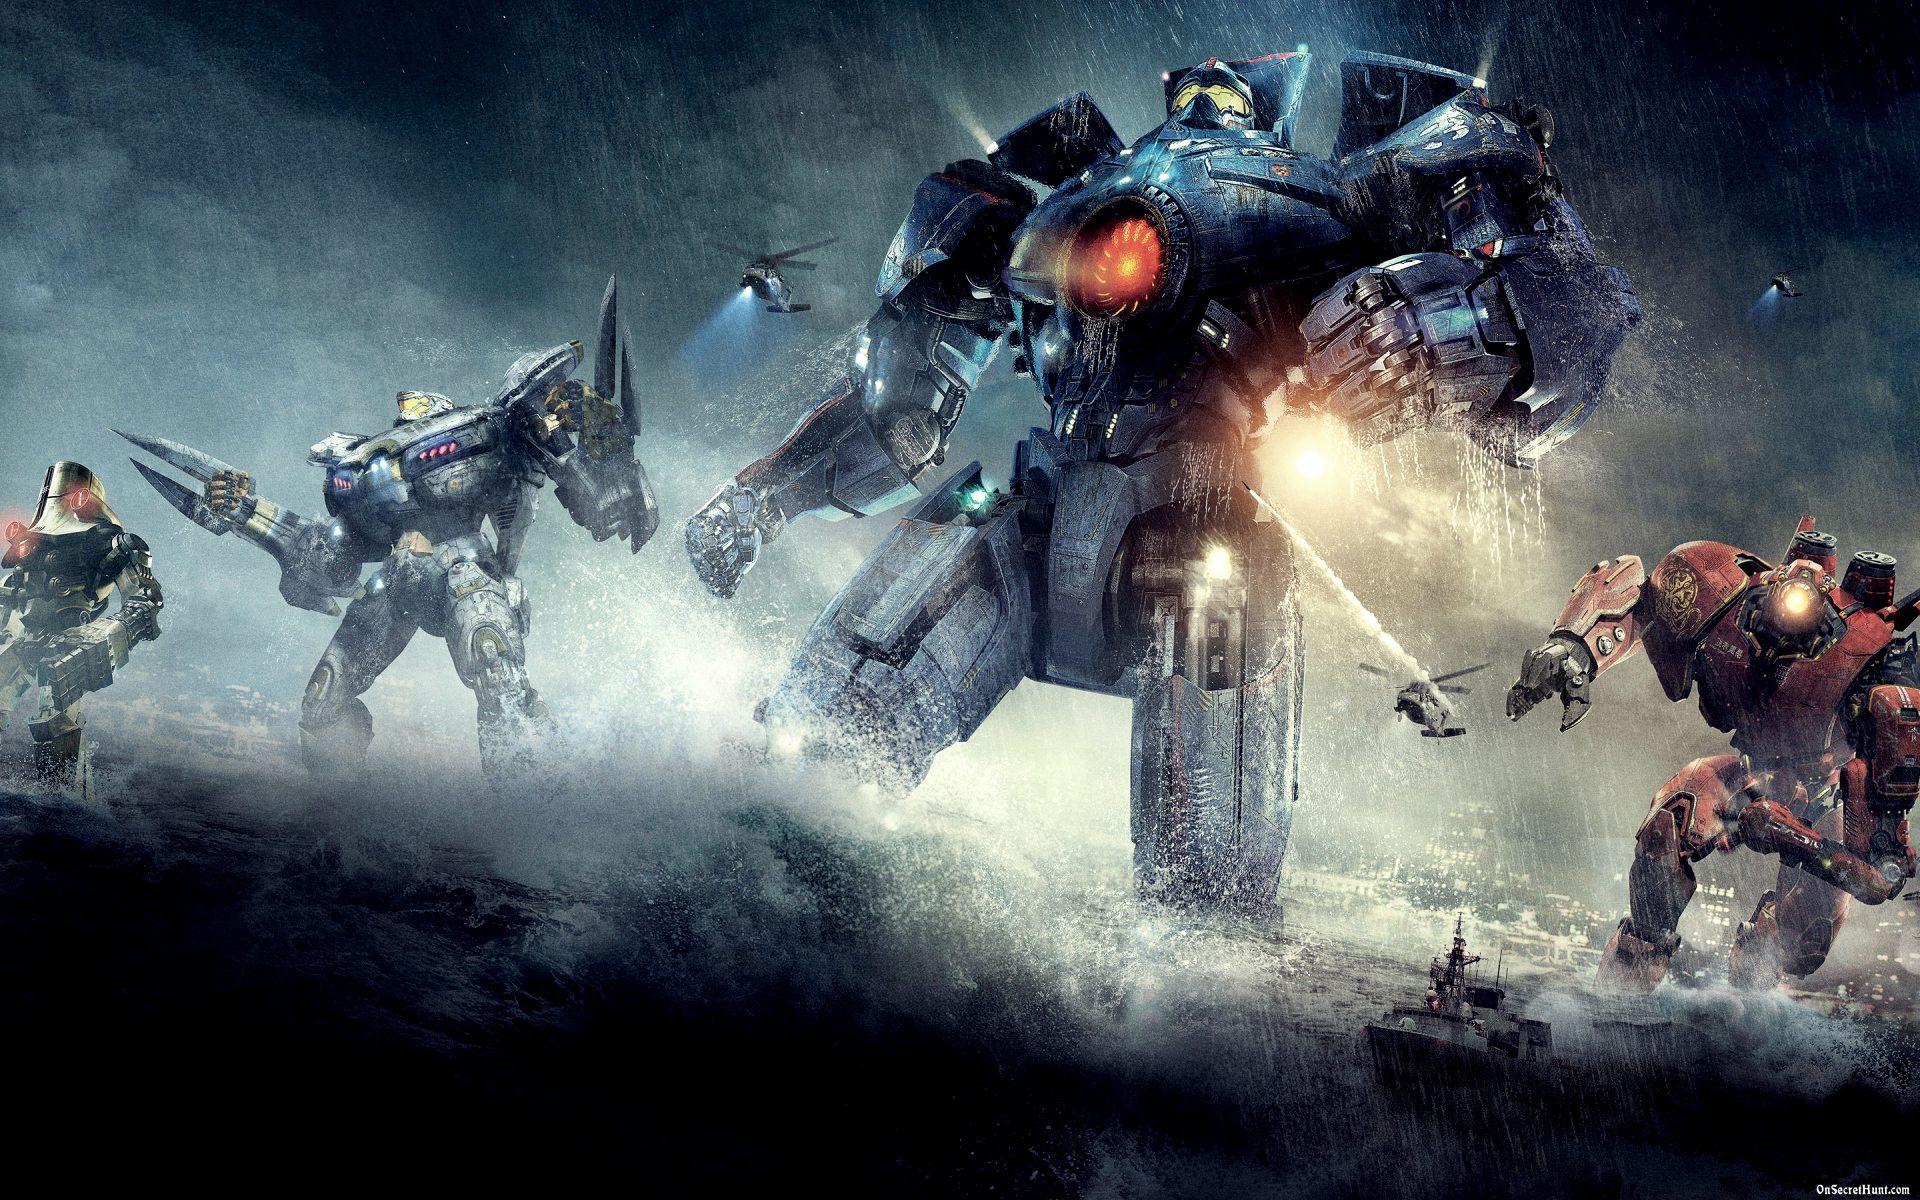 Giappone e Stati Uniti si sfideranno ad un duello coi robot giganti, sul serio